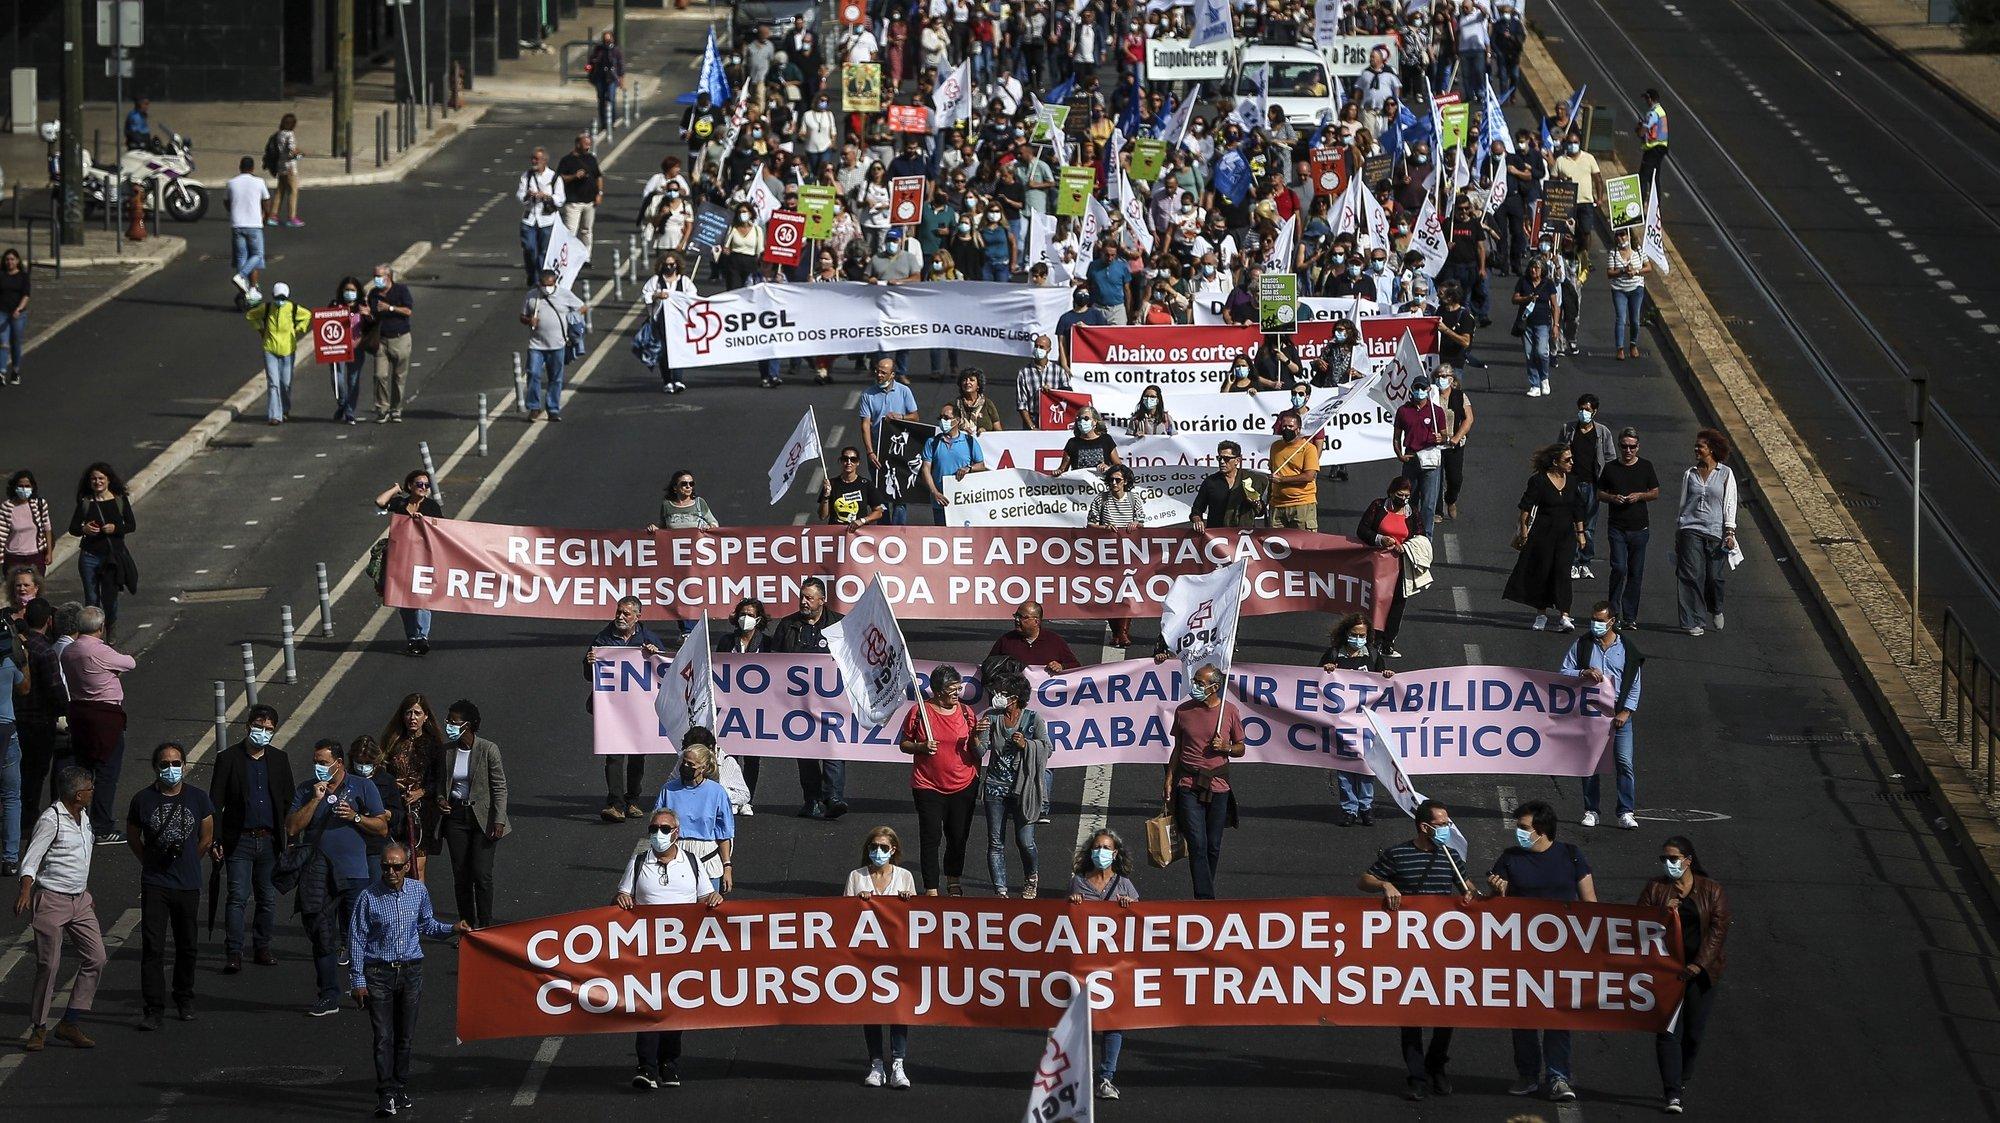 Manifestação nacional de professores e educadores convocada pela Federação nacional dos Professores (FENPROF) para exigir que as condições de trabalho e os direitos dos professores sejam respeitados, em Lisboa, 05 de outubro de 2021.  RODRIGO ANTUNES/LUSA